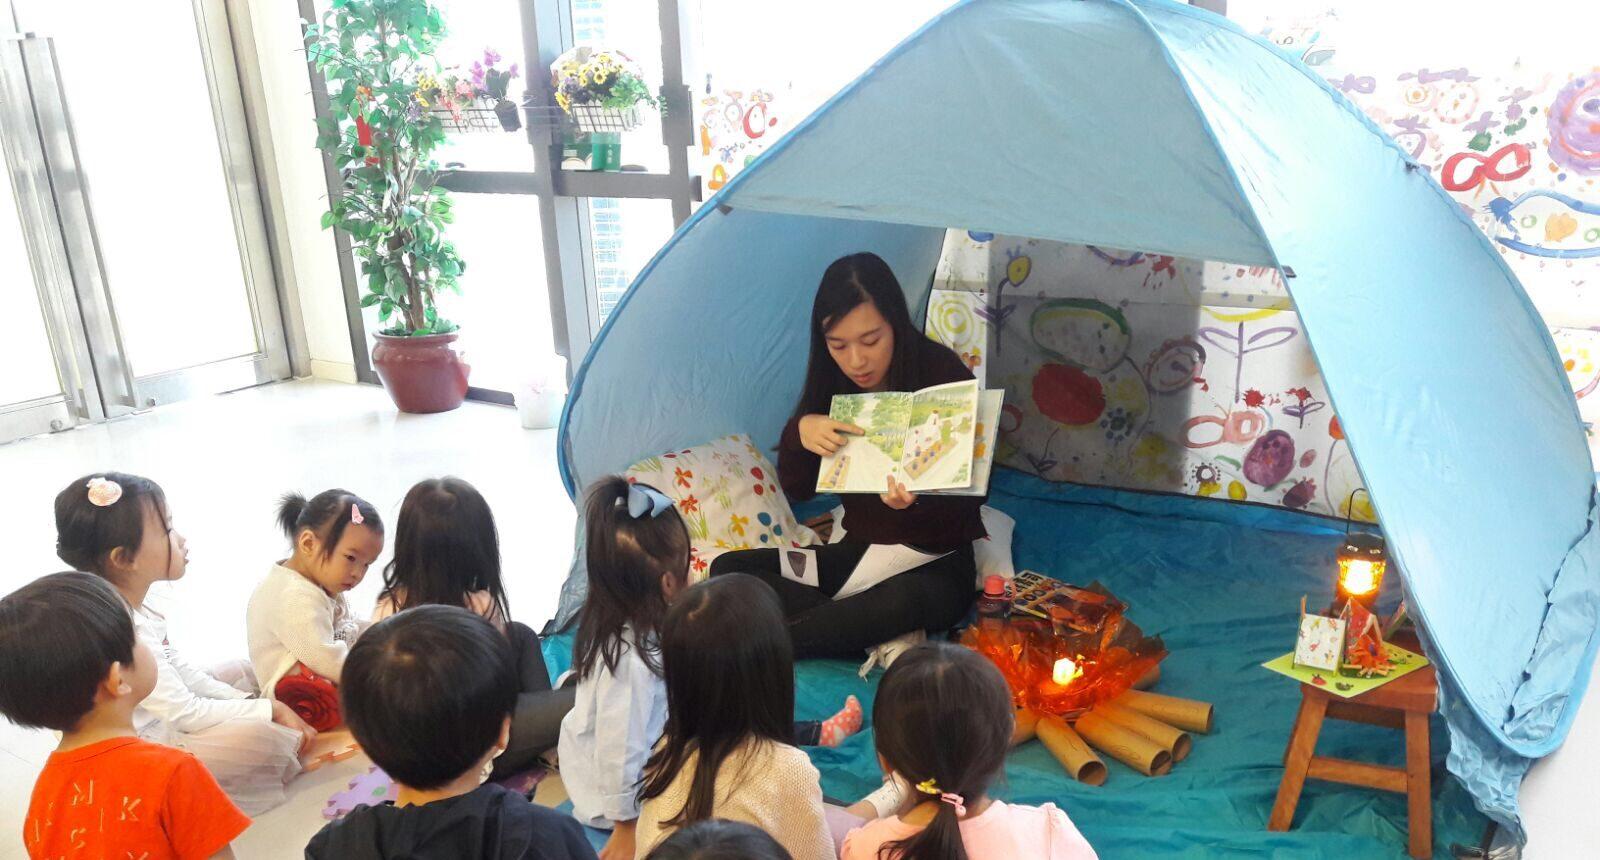 香港01: 首屆香港圖書館節